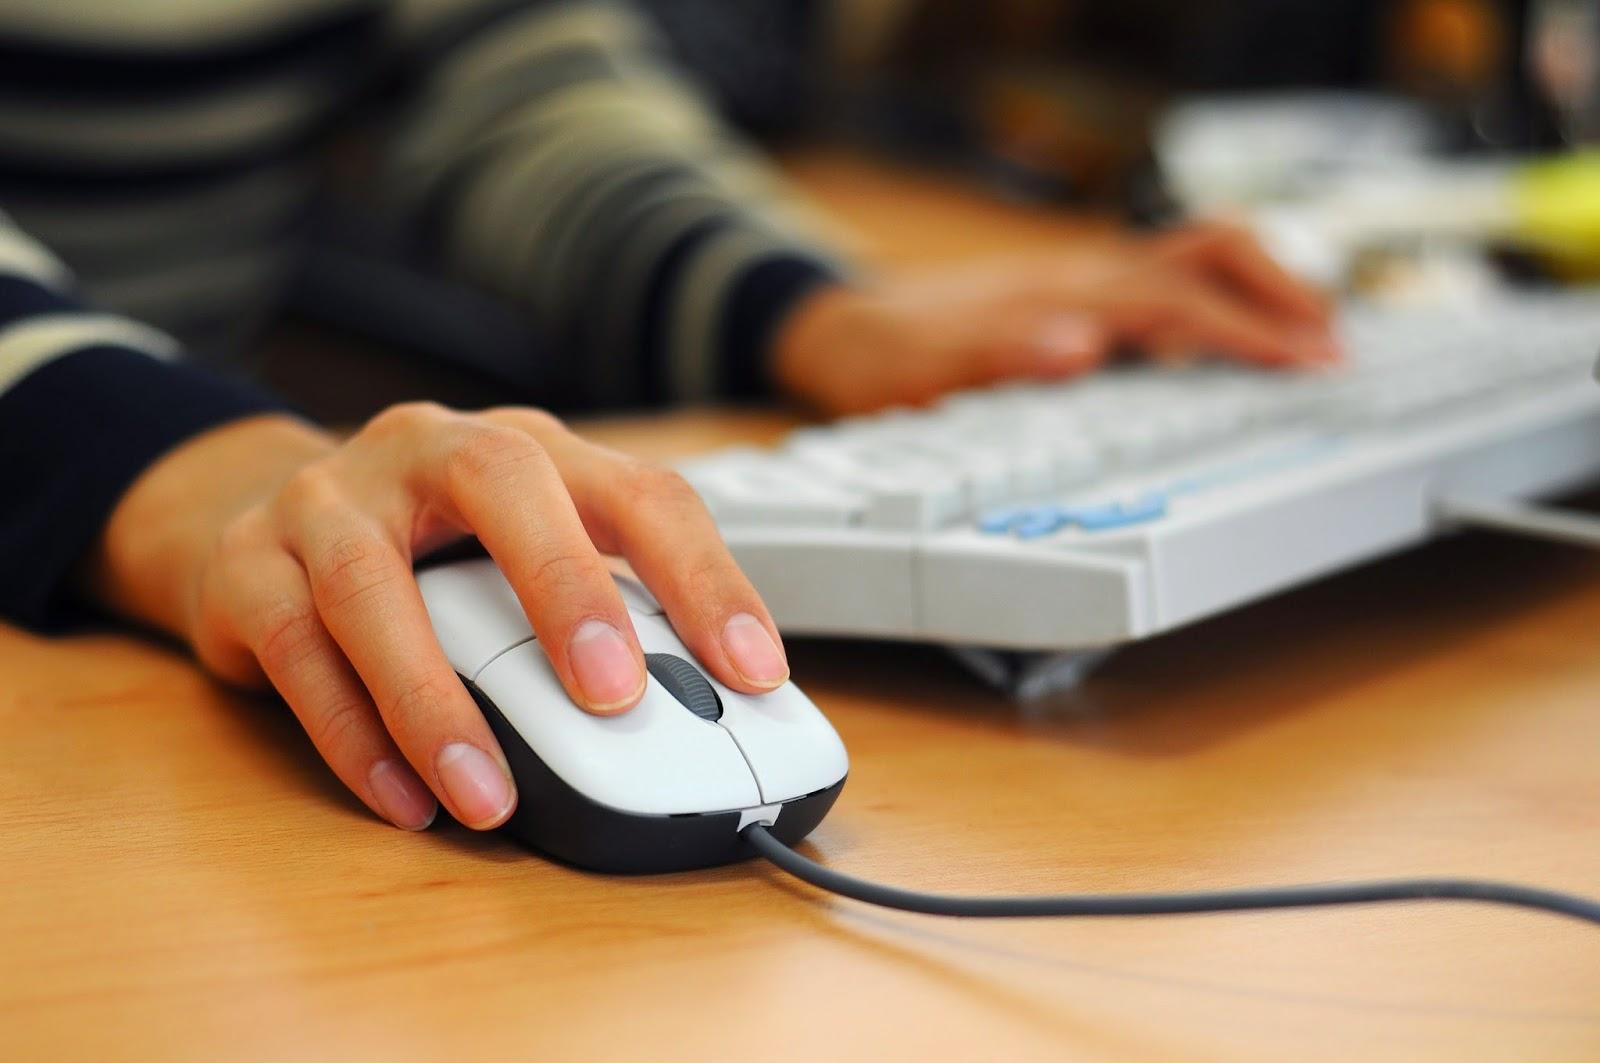 Mencari uang online, bagaimana caranya? | Miung.com